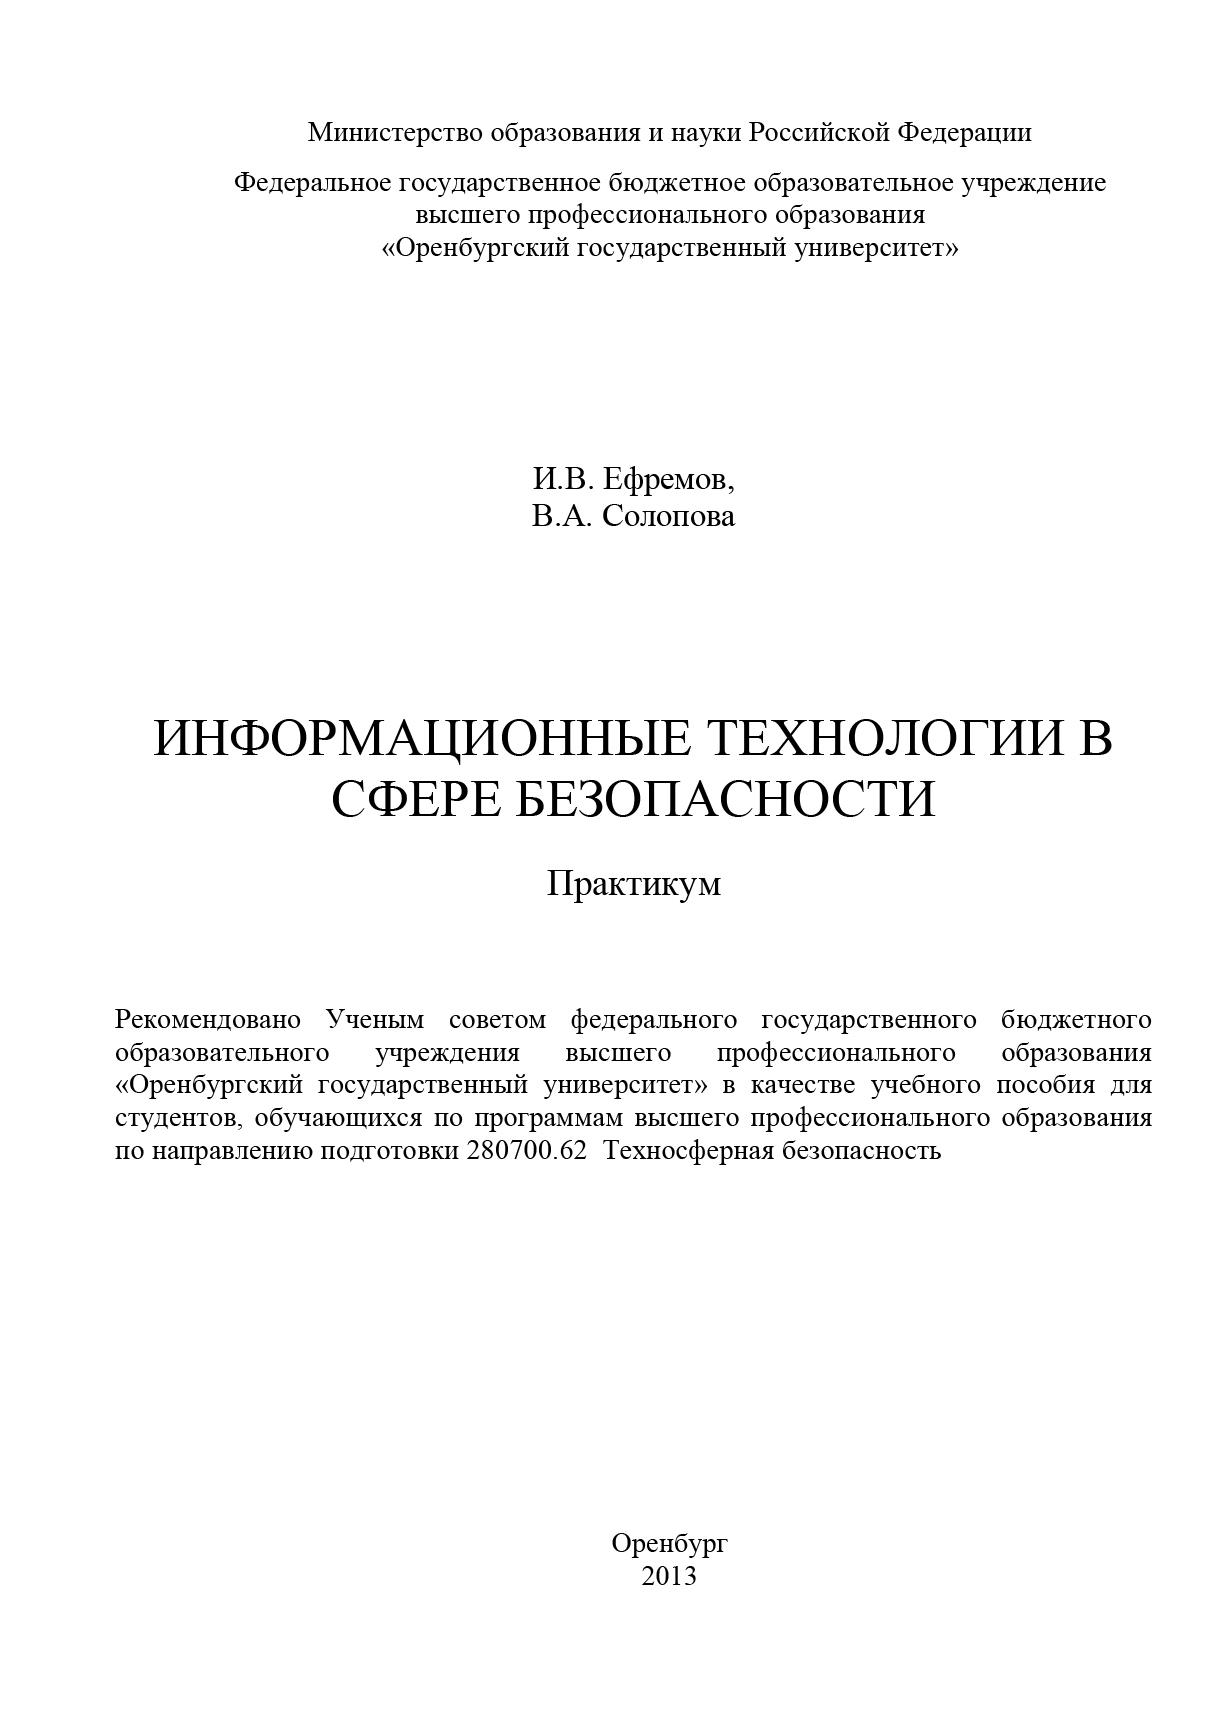 И. В. Ефремов Информационные технологии в сфере безопасности цены онлайн